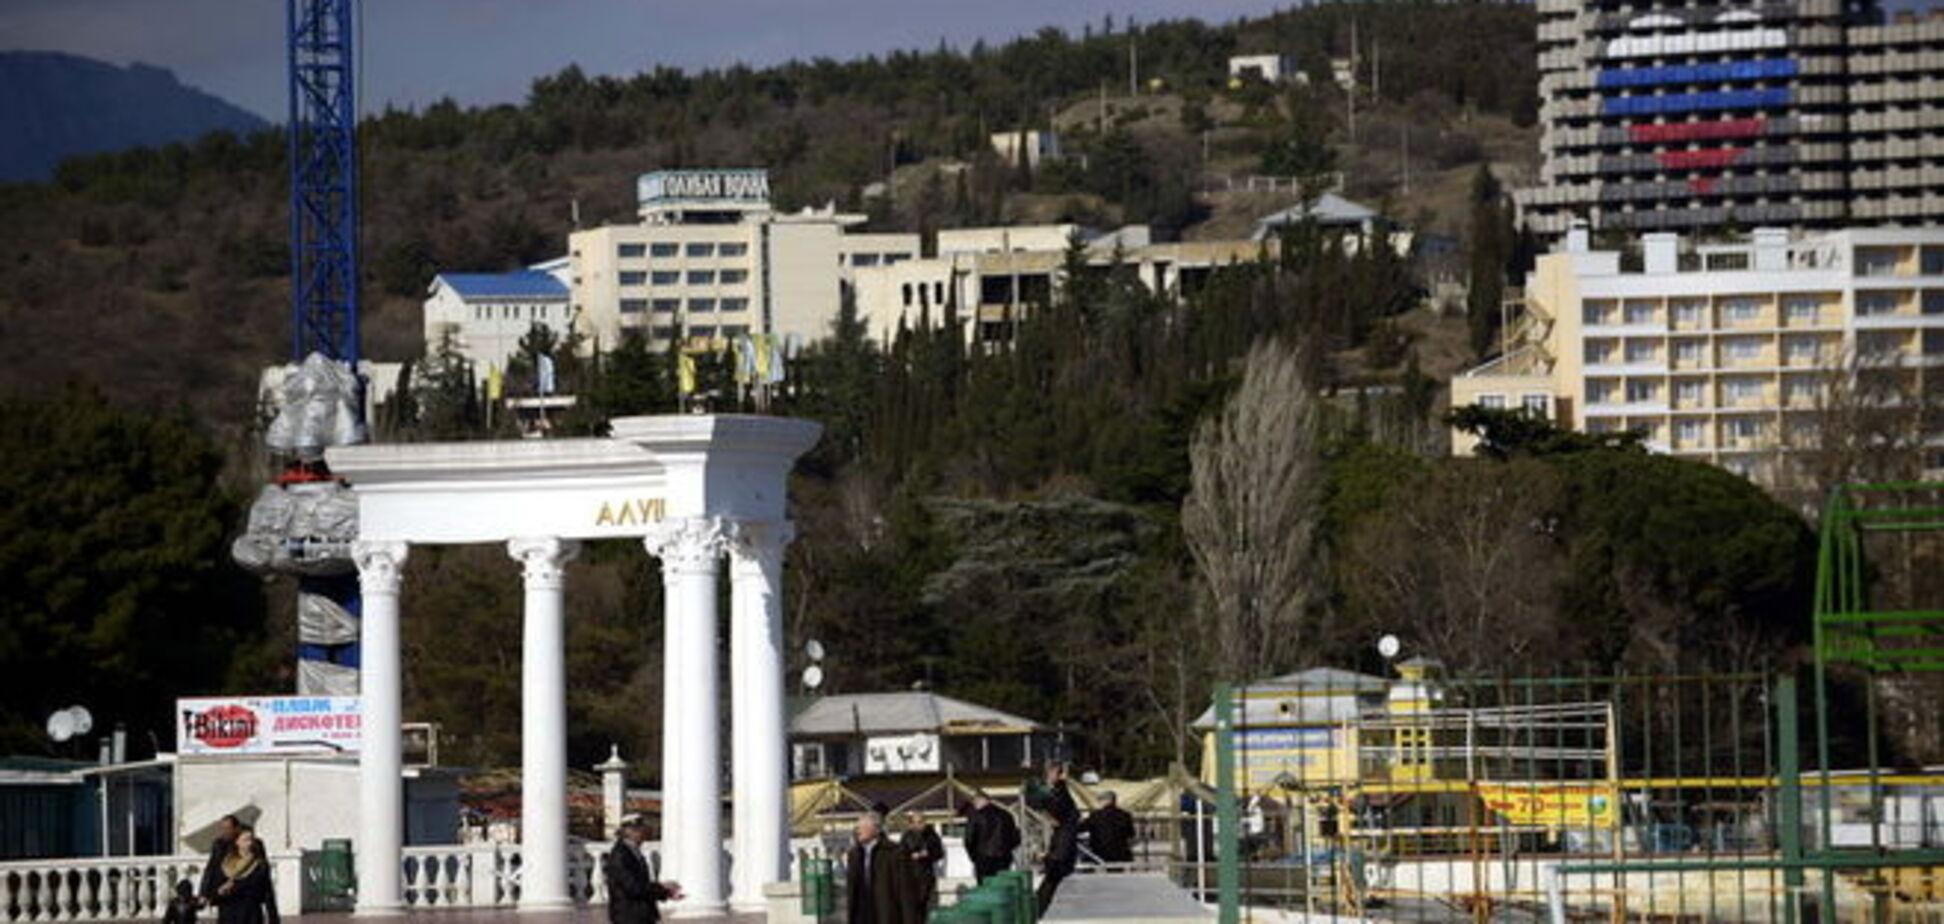 'Продовольствие в обмен на свободу': активисты грозят заблокировать поставки продуктов в Крым